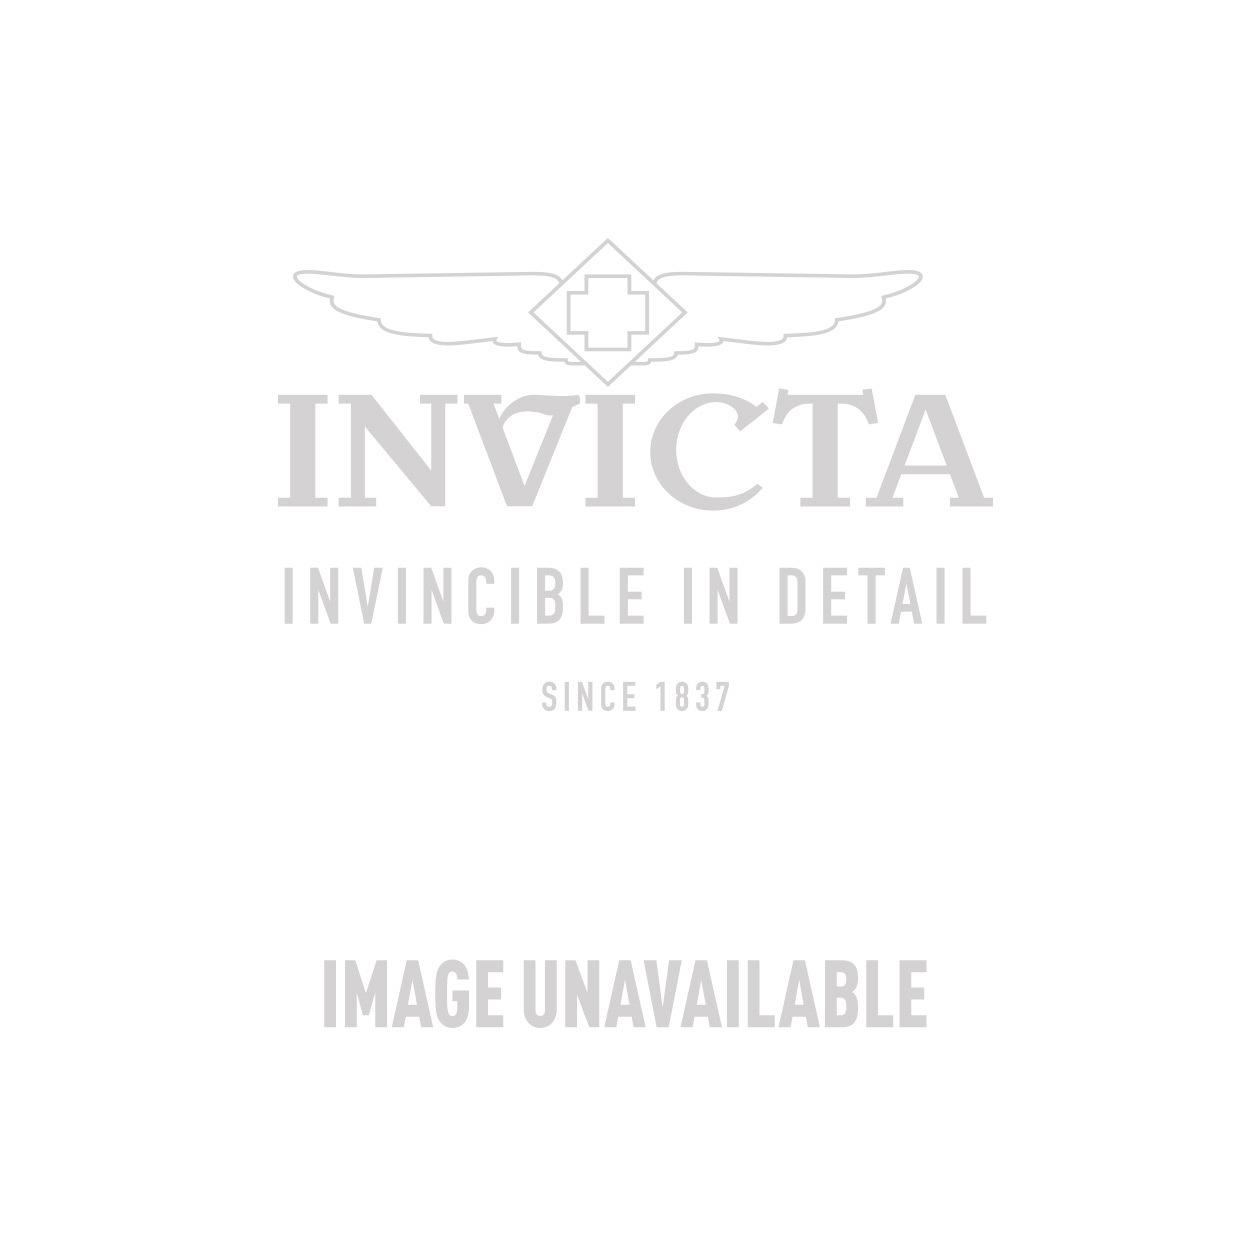 Invicta Model 27383